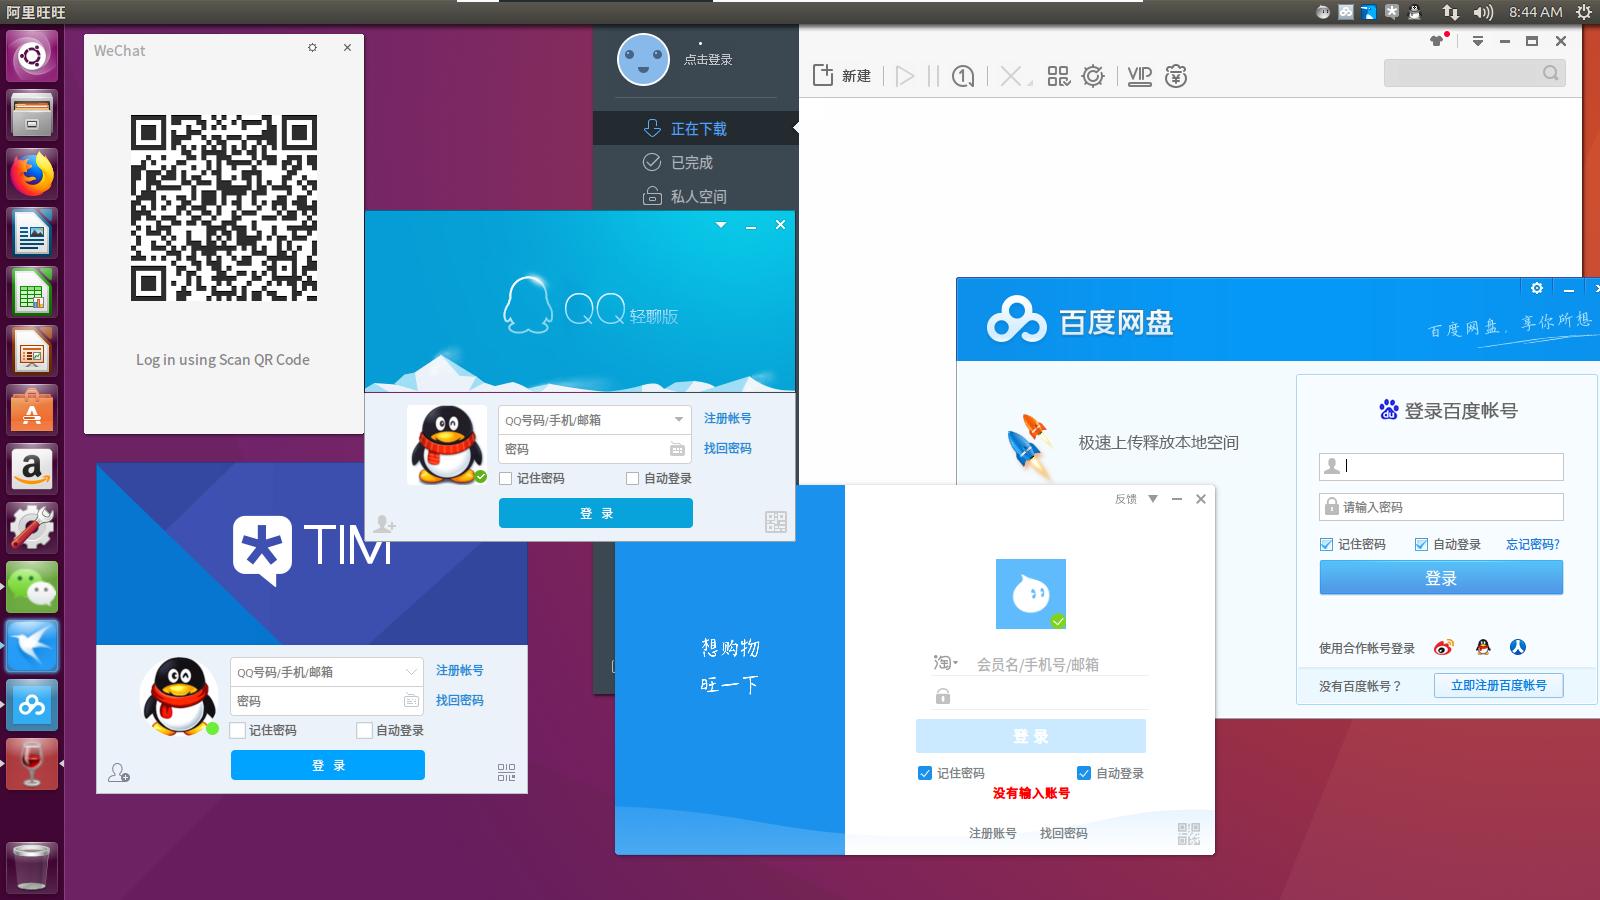 本仓库介绍如何在基于Ubuntu的系统上安装Deepin移植的软件。This repo shows how to install apps packaged by Deepin.